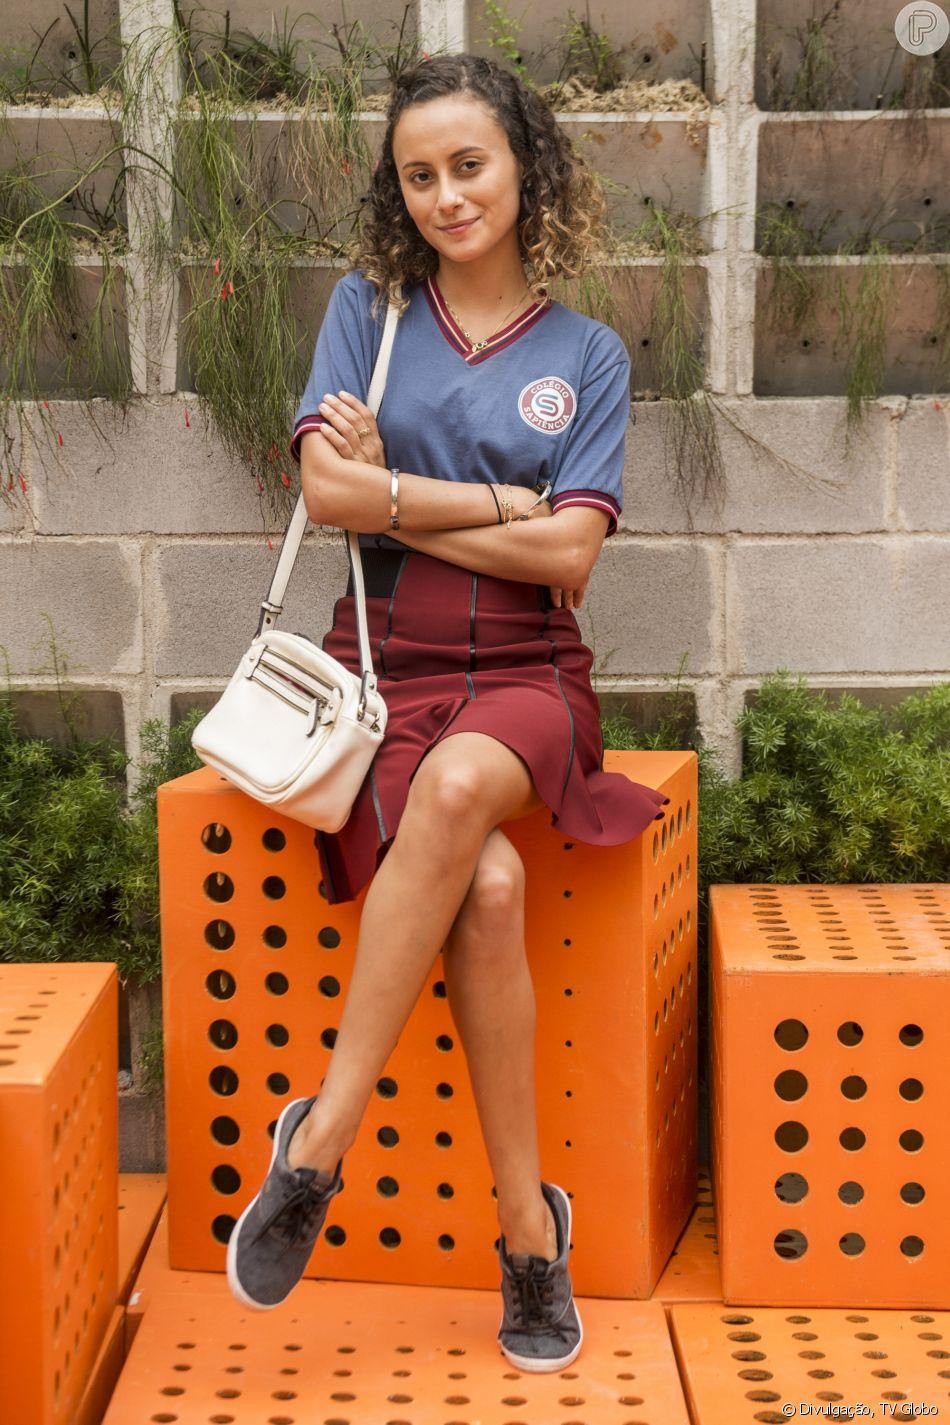 Joana Pelada alice milagres, de 'malhação', posta foto nua e é elogiada